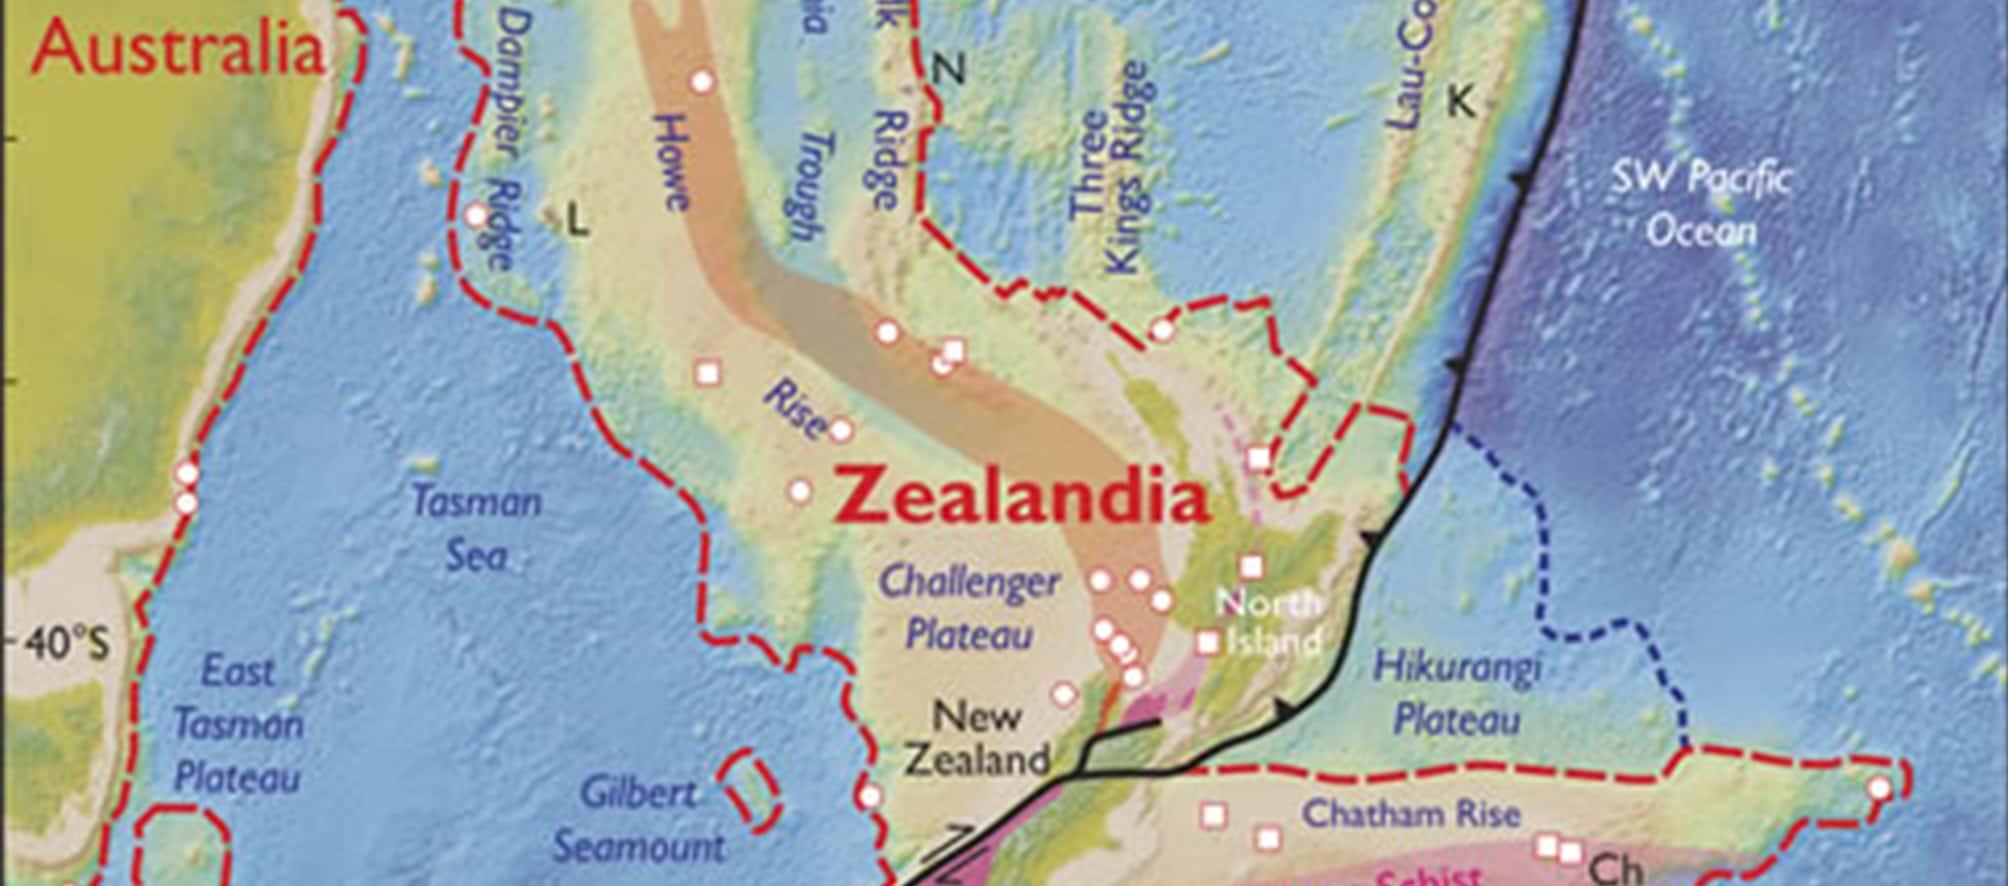 Zealandia, Benua kedelapan yang tersembunyi